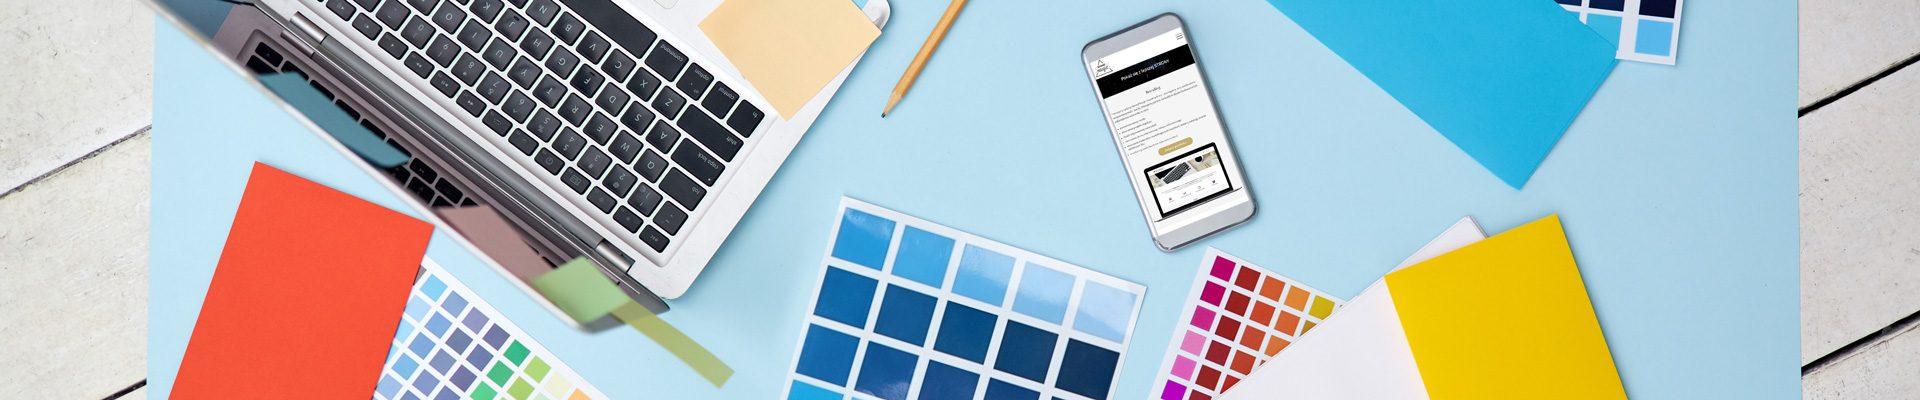 Jak dobrać kolorystykę strony internetowej?